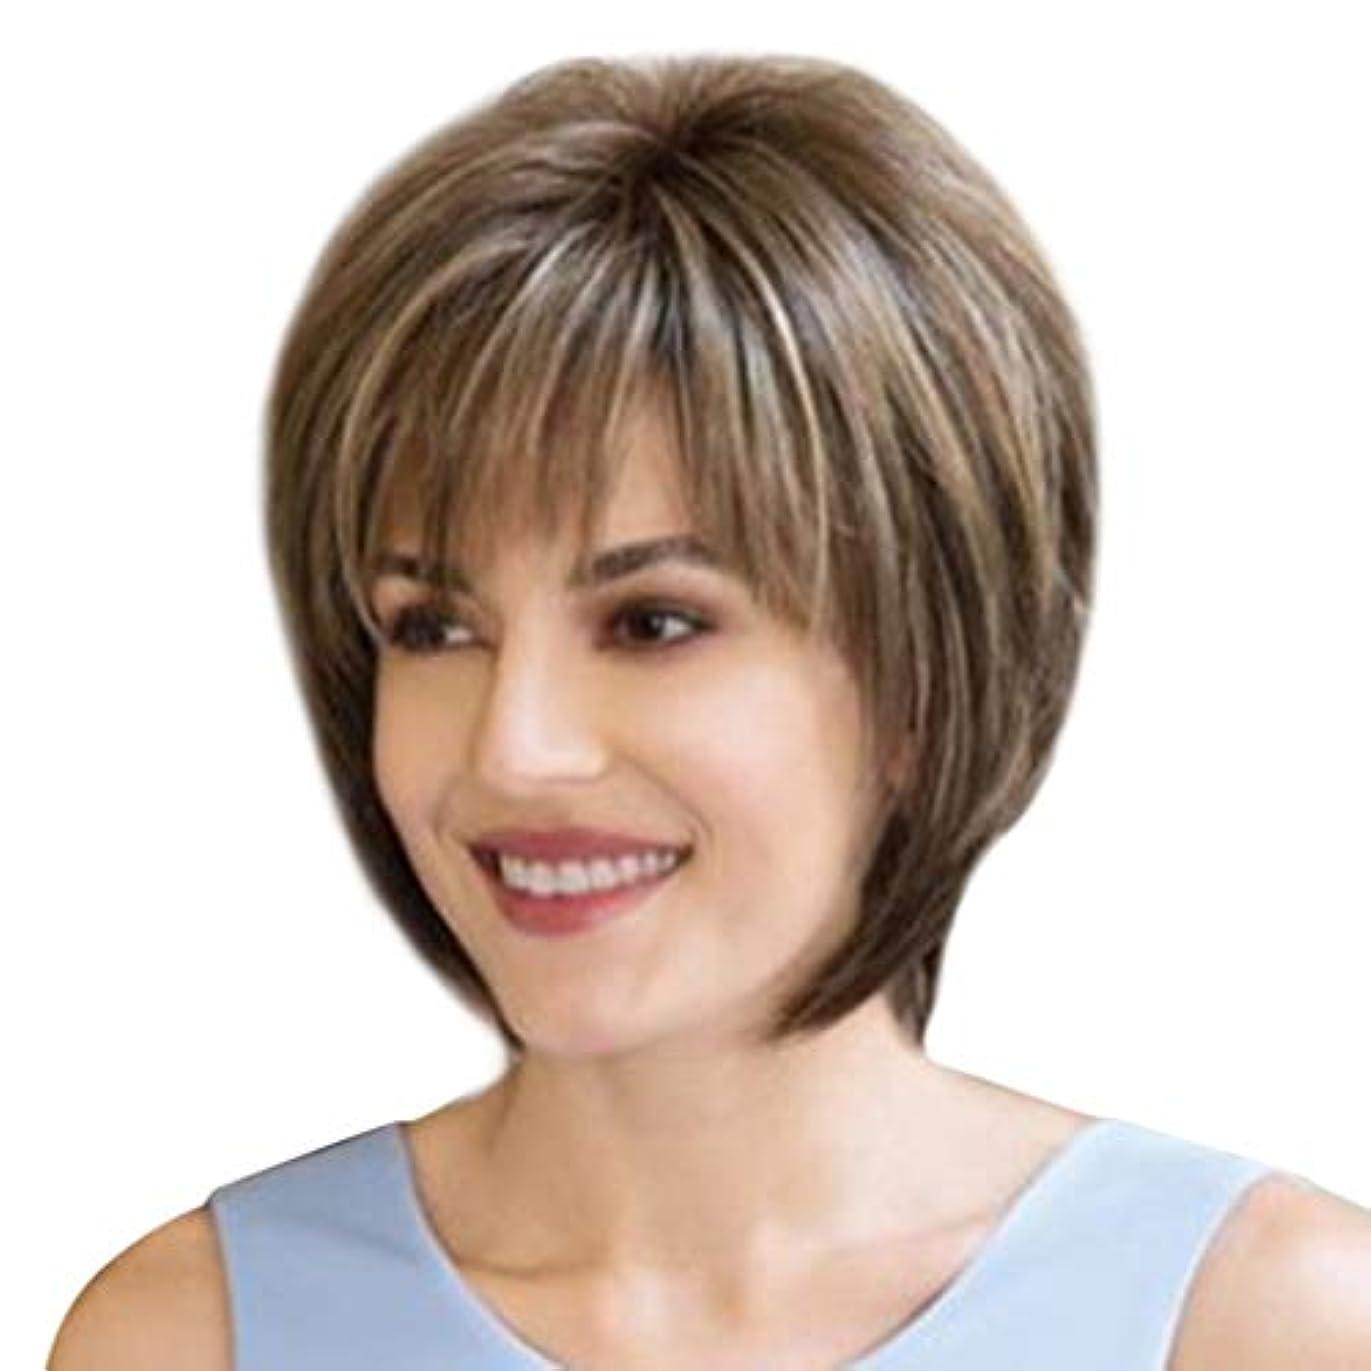 クレデンシャル切り下げヨーグルトCinhent 8インチファッション合成ストレートショートレディースウィッグふわふわ染色天然のリアルな髪の毛のかつら女性のファイバー